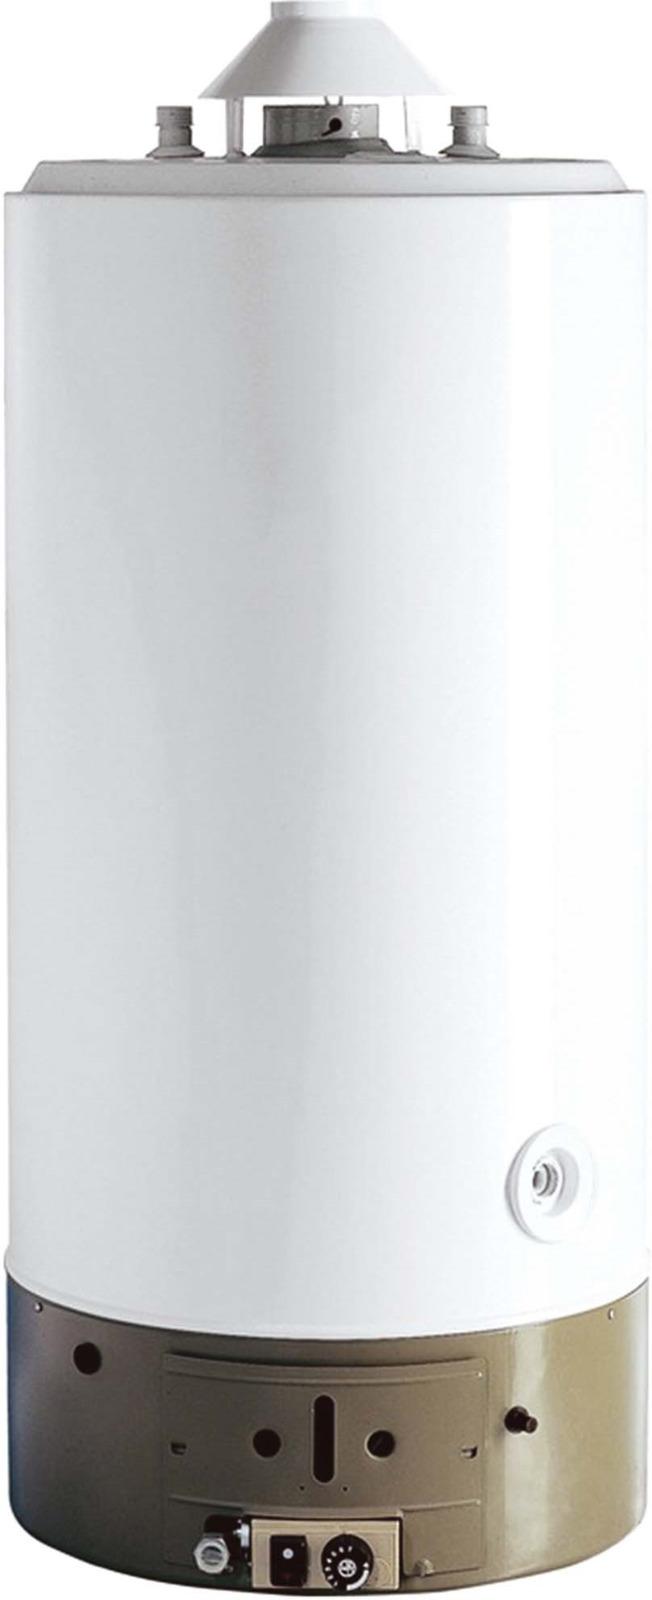 Газовая колонка Ariston SGA 120, накопительная, 115 л, белый водонагреватель ariston super sga 50r белый